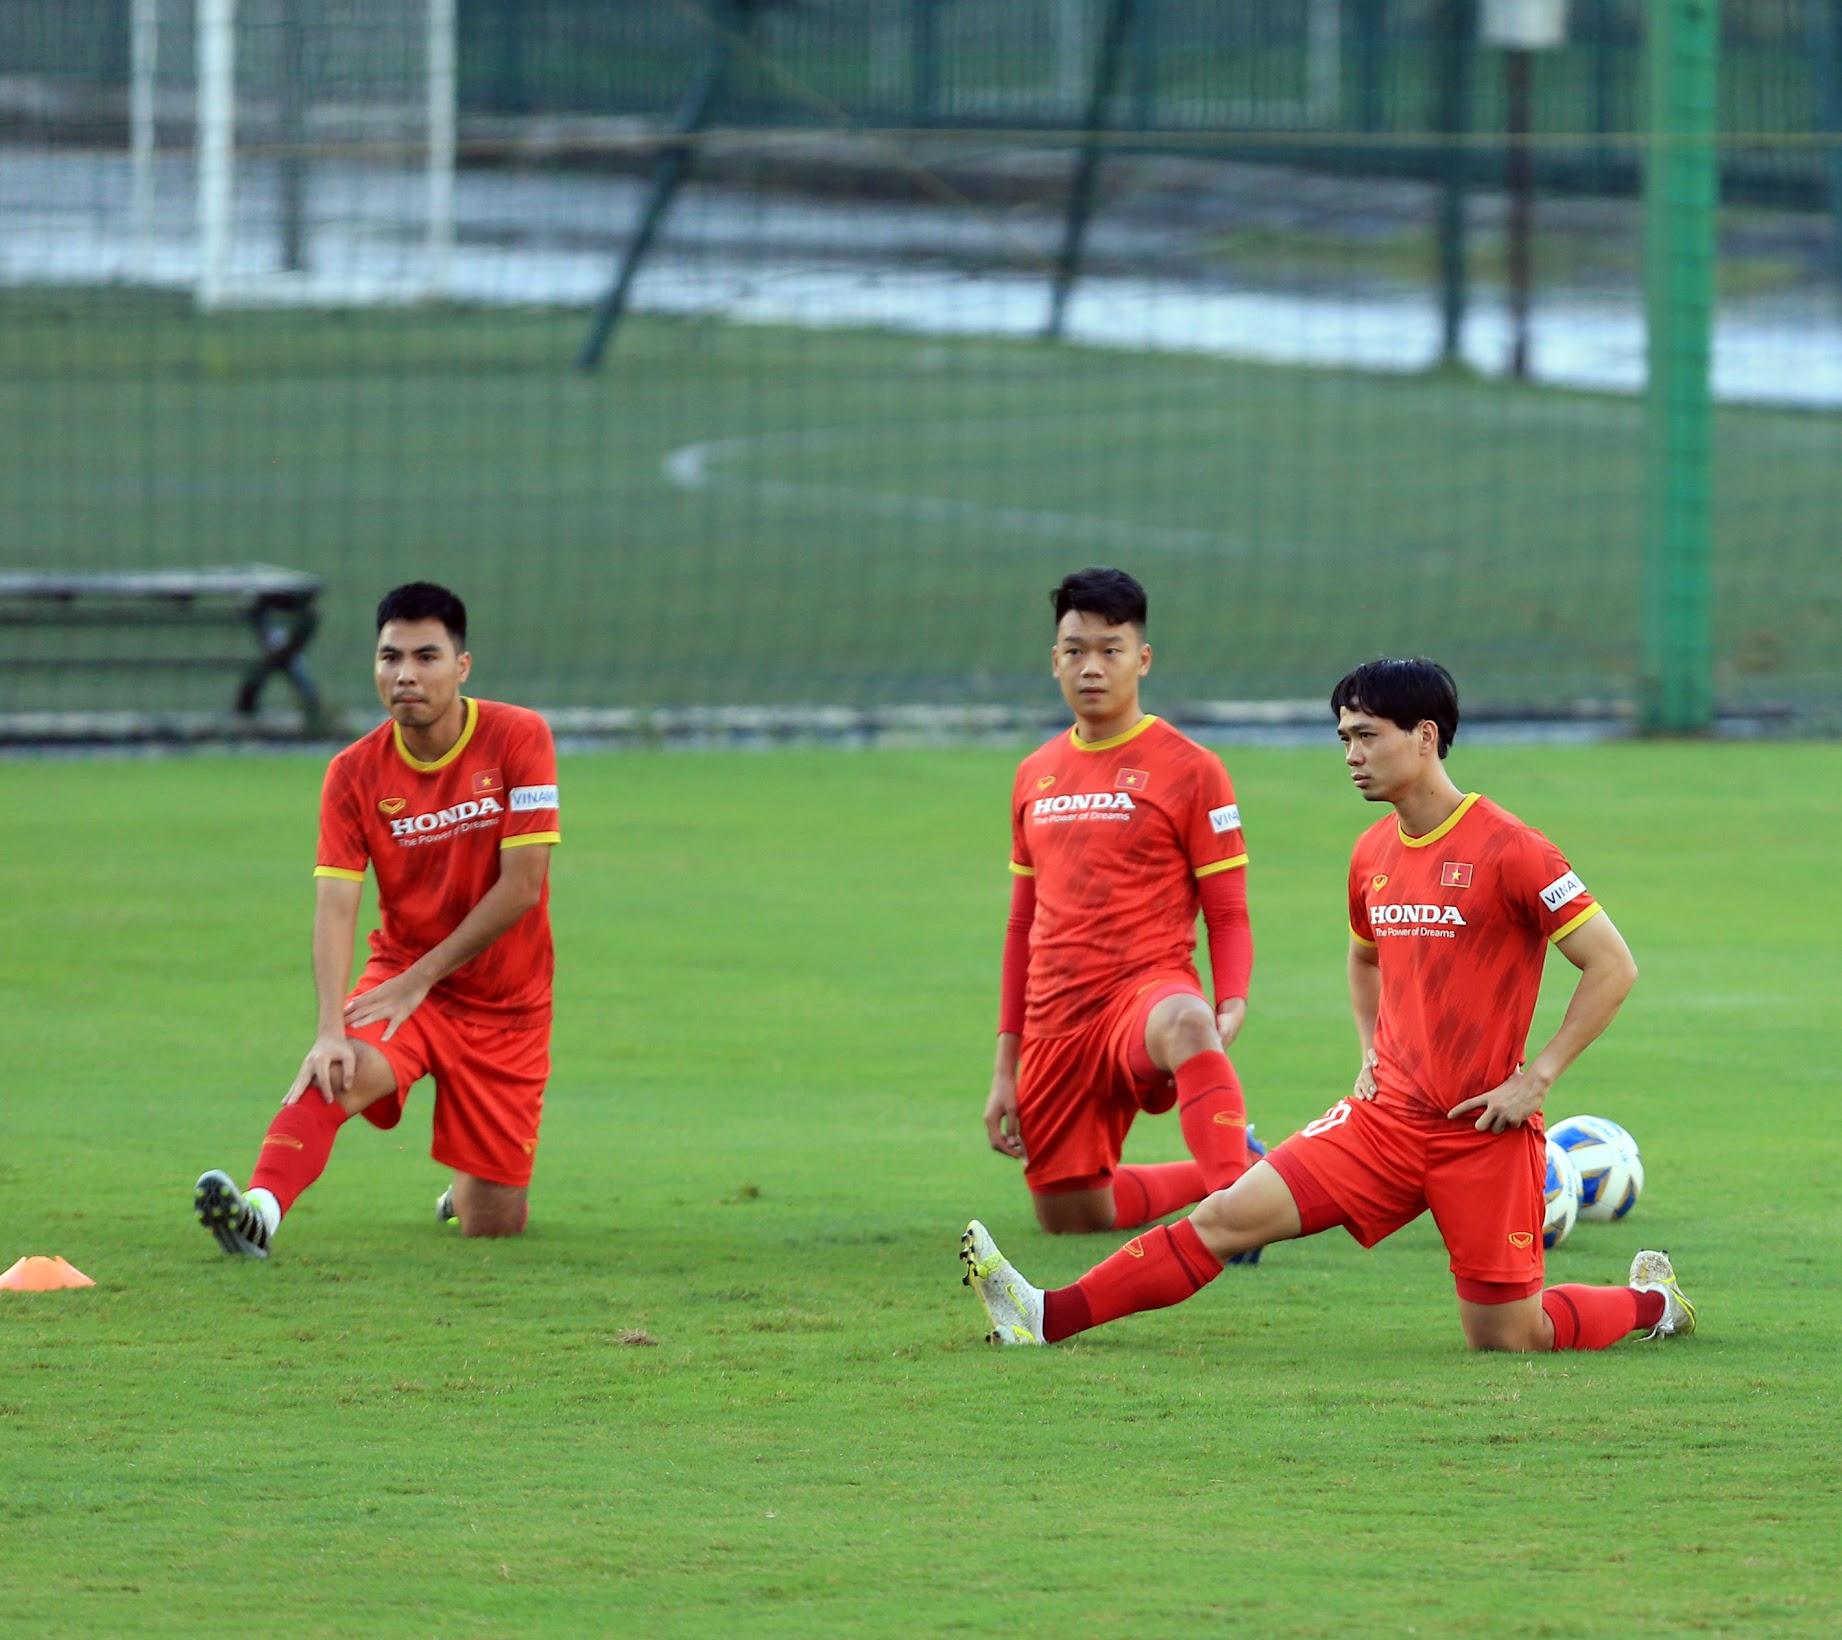 Tuấn Anh và đồng đội hào hứng khi trở thành thủ môn bất đắc dĩ cho tuyển Việt Nam - ảnh 12